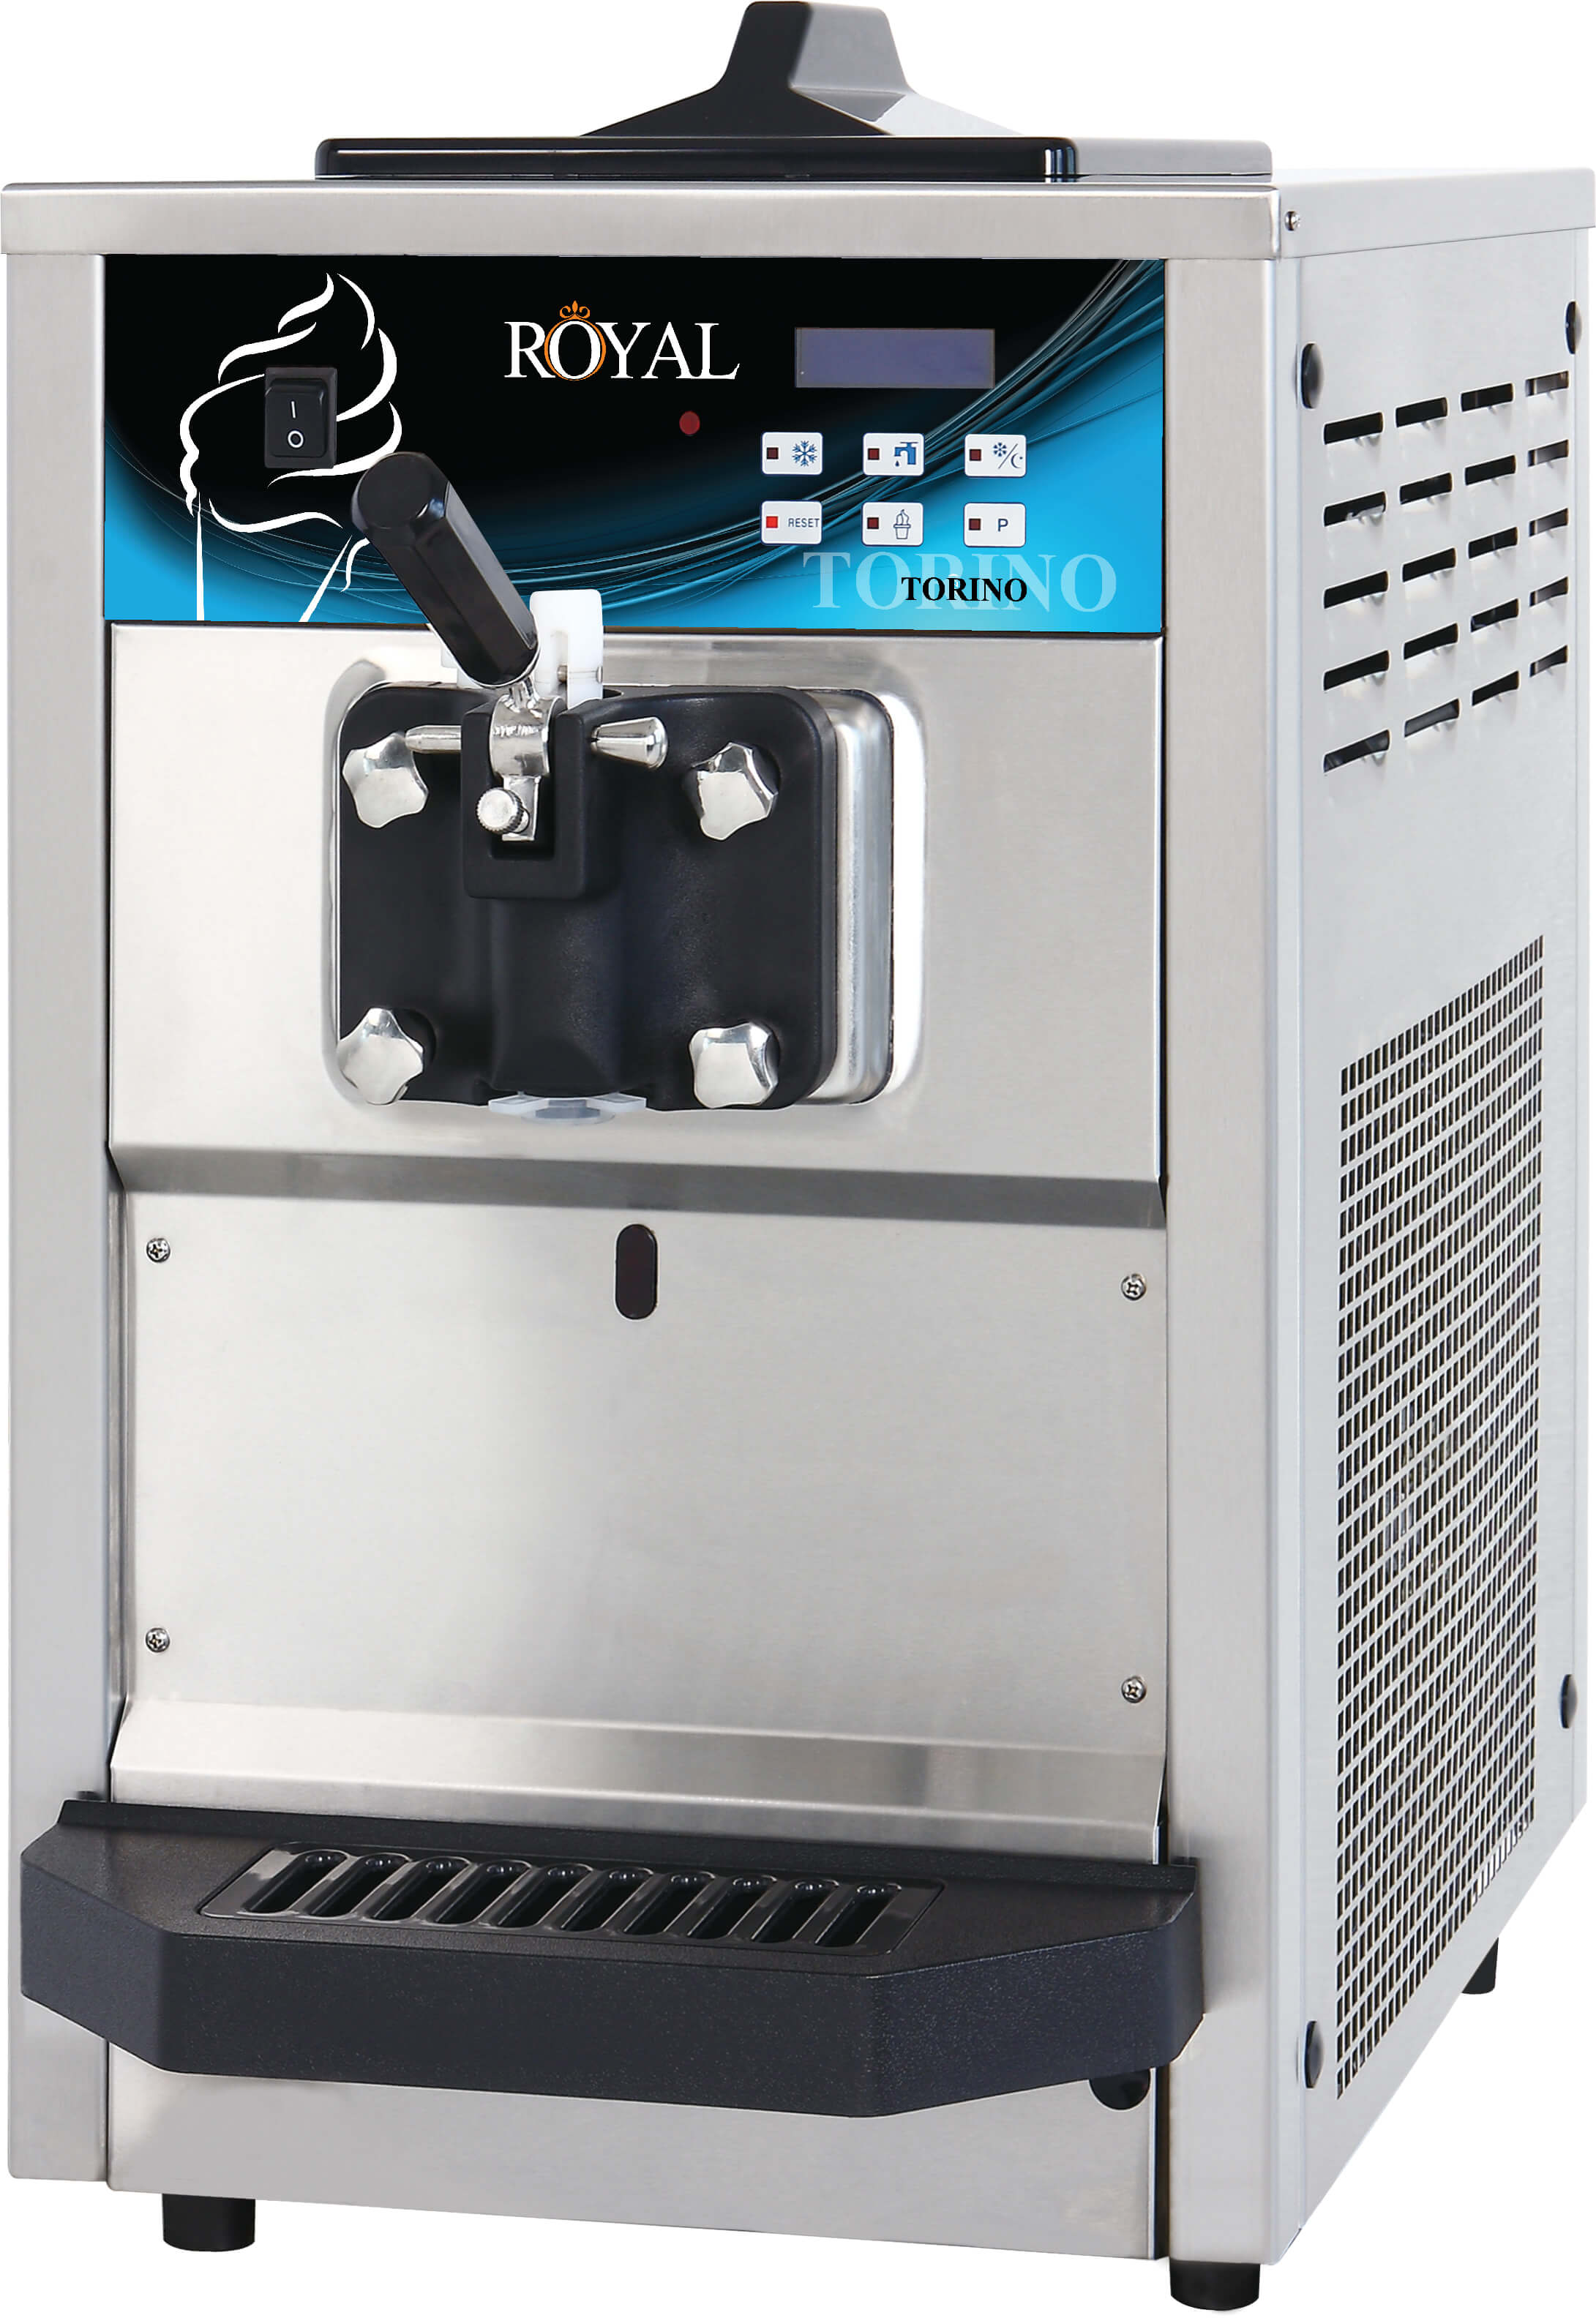 השכרת מכונות גלידה אמריקאית